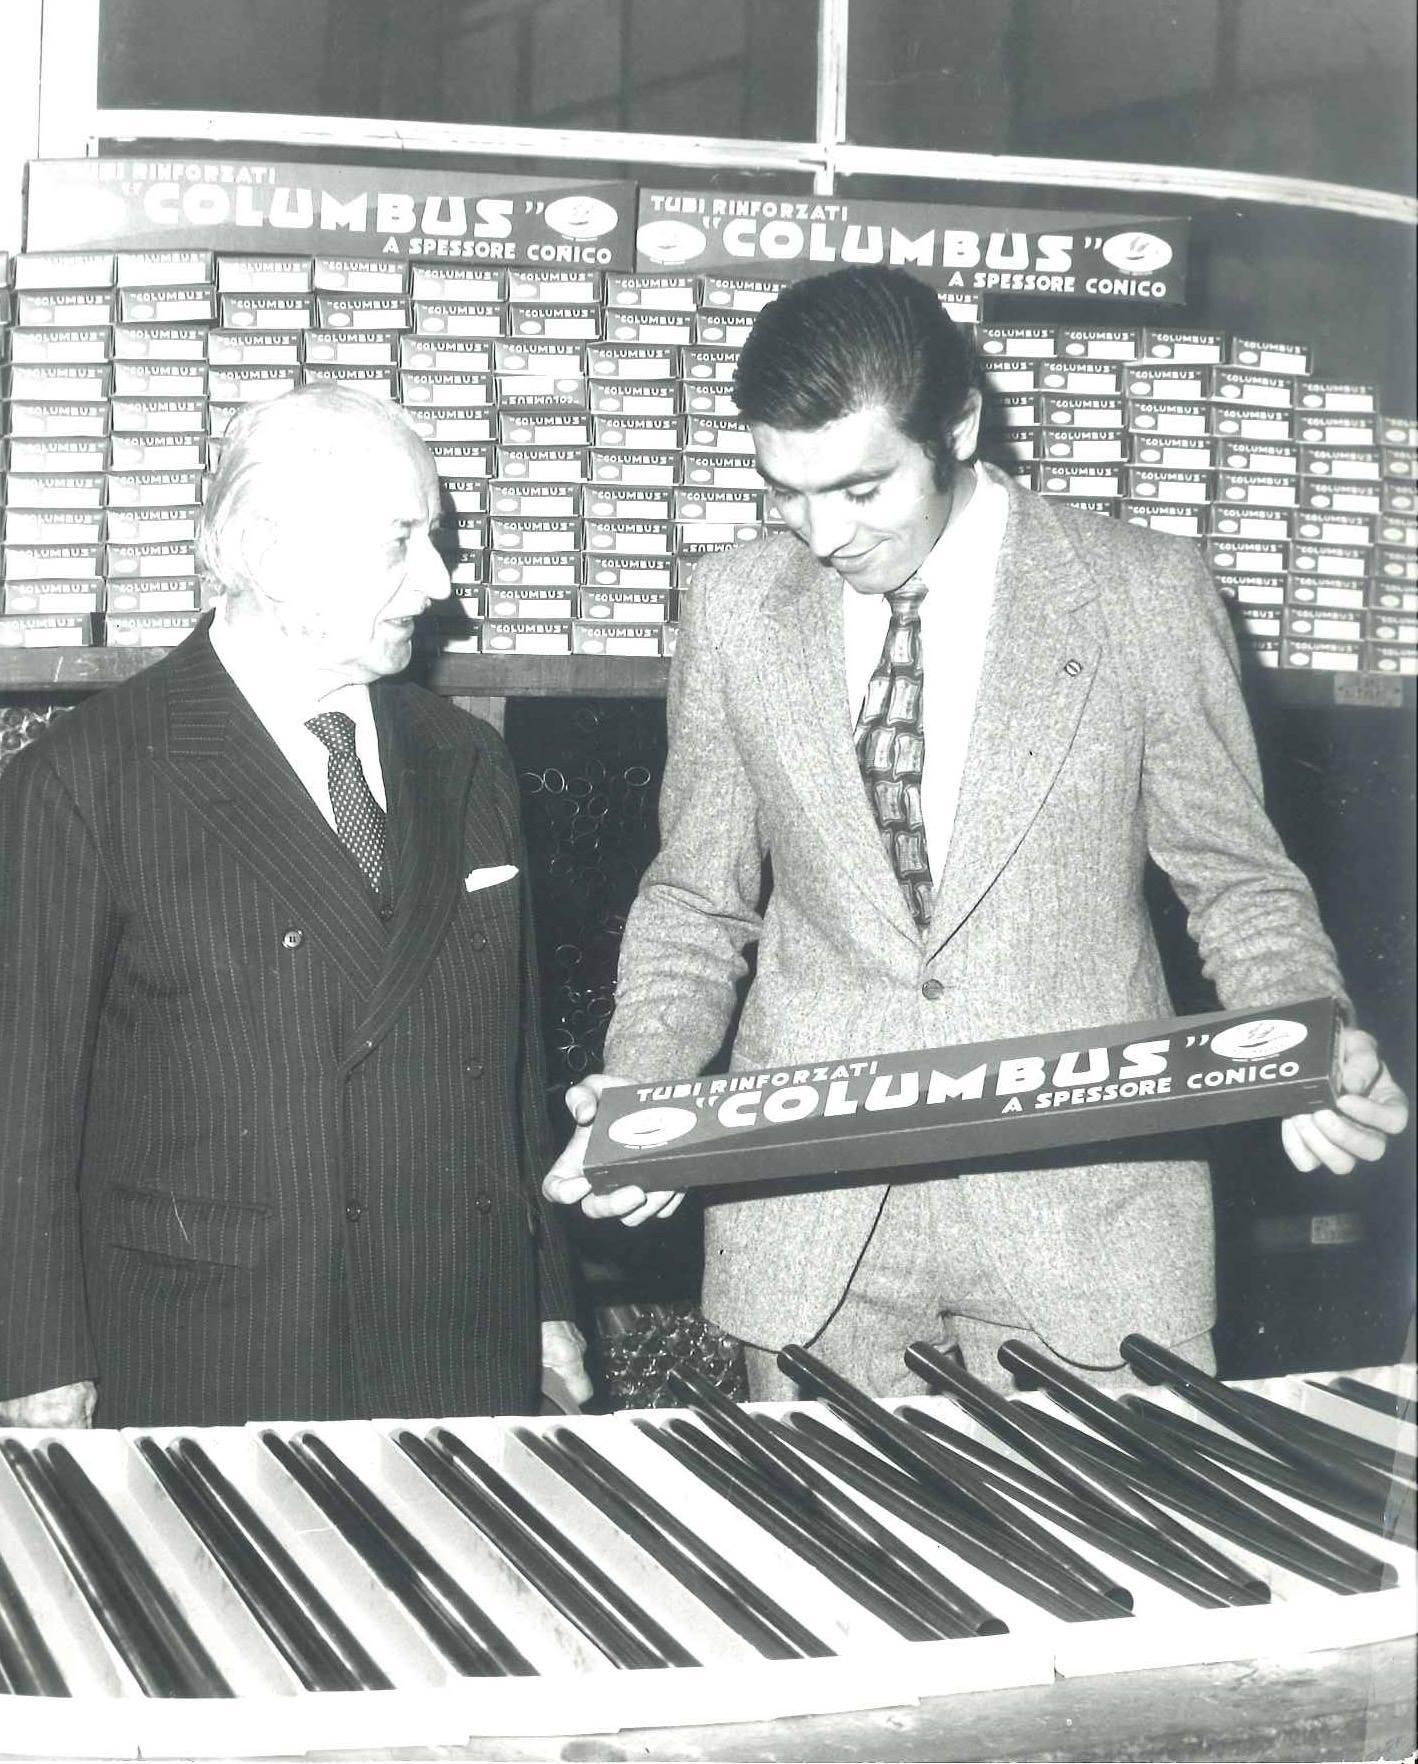 Angelo Colombo, Eddy Merckx